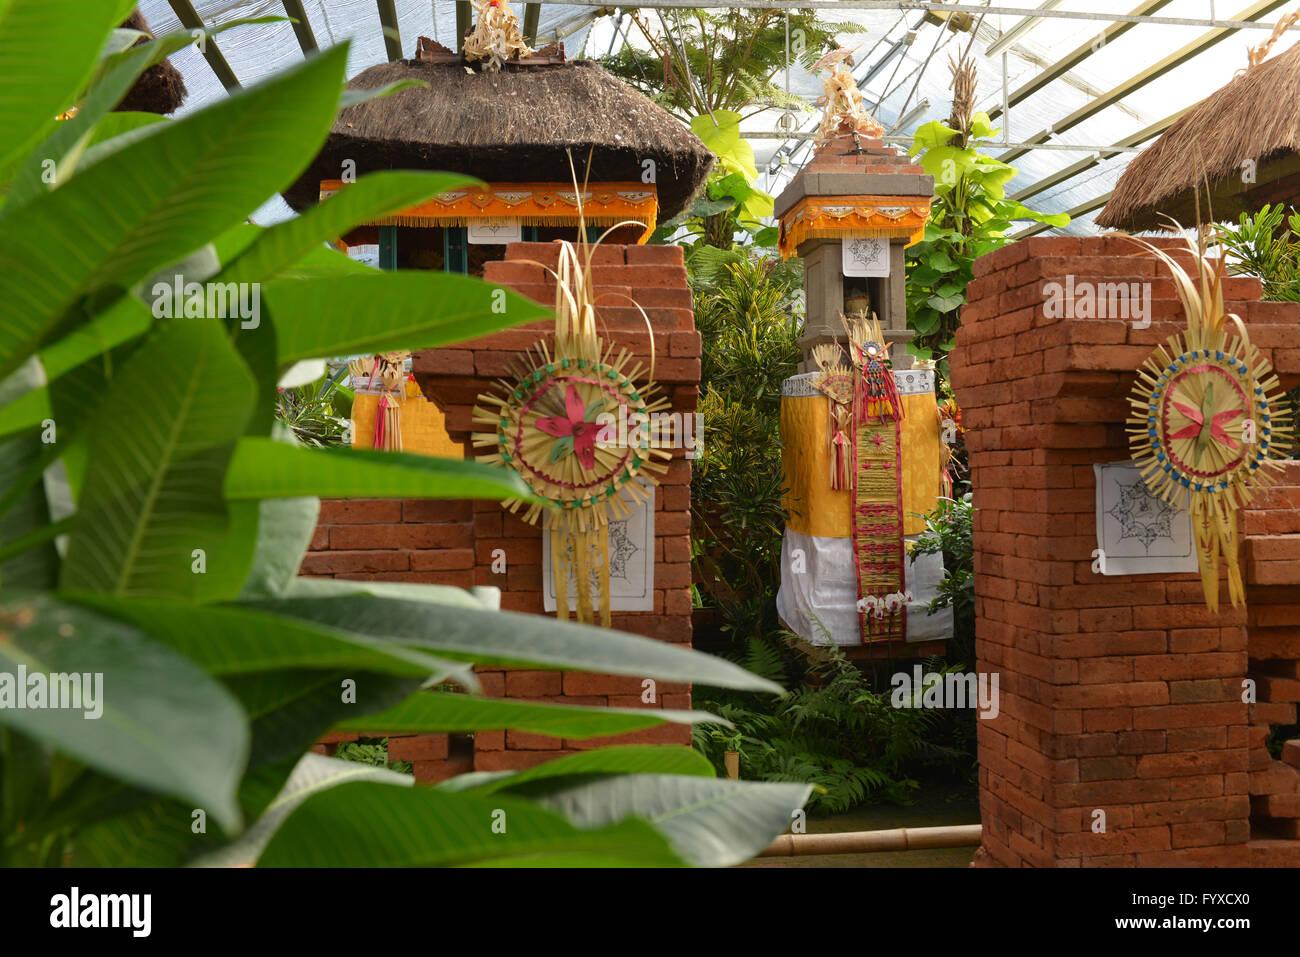 Balinese Garden Stock Photos & Balinese Garden Stock Images - Alamy